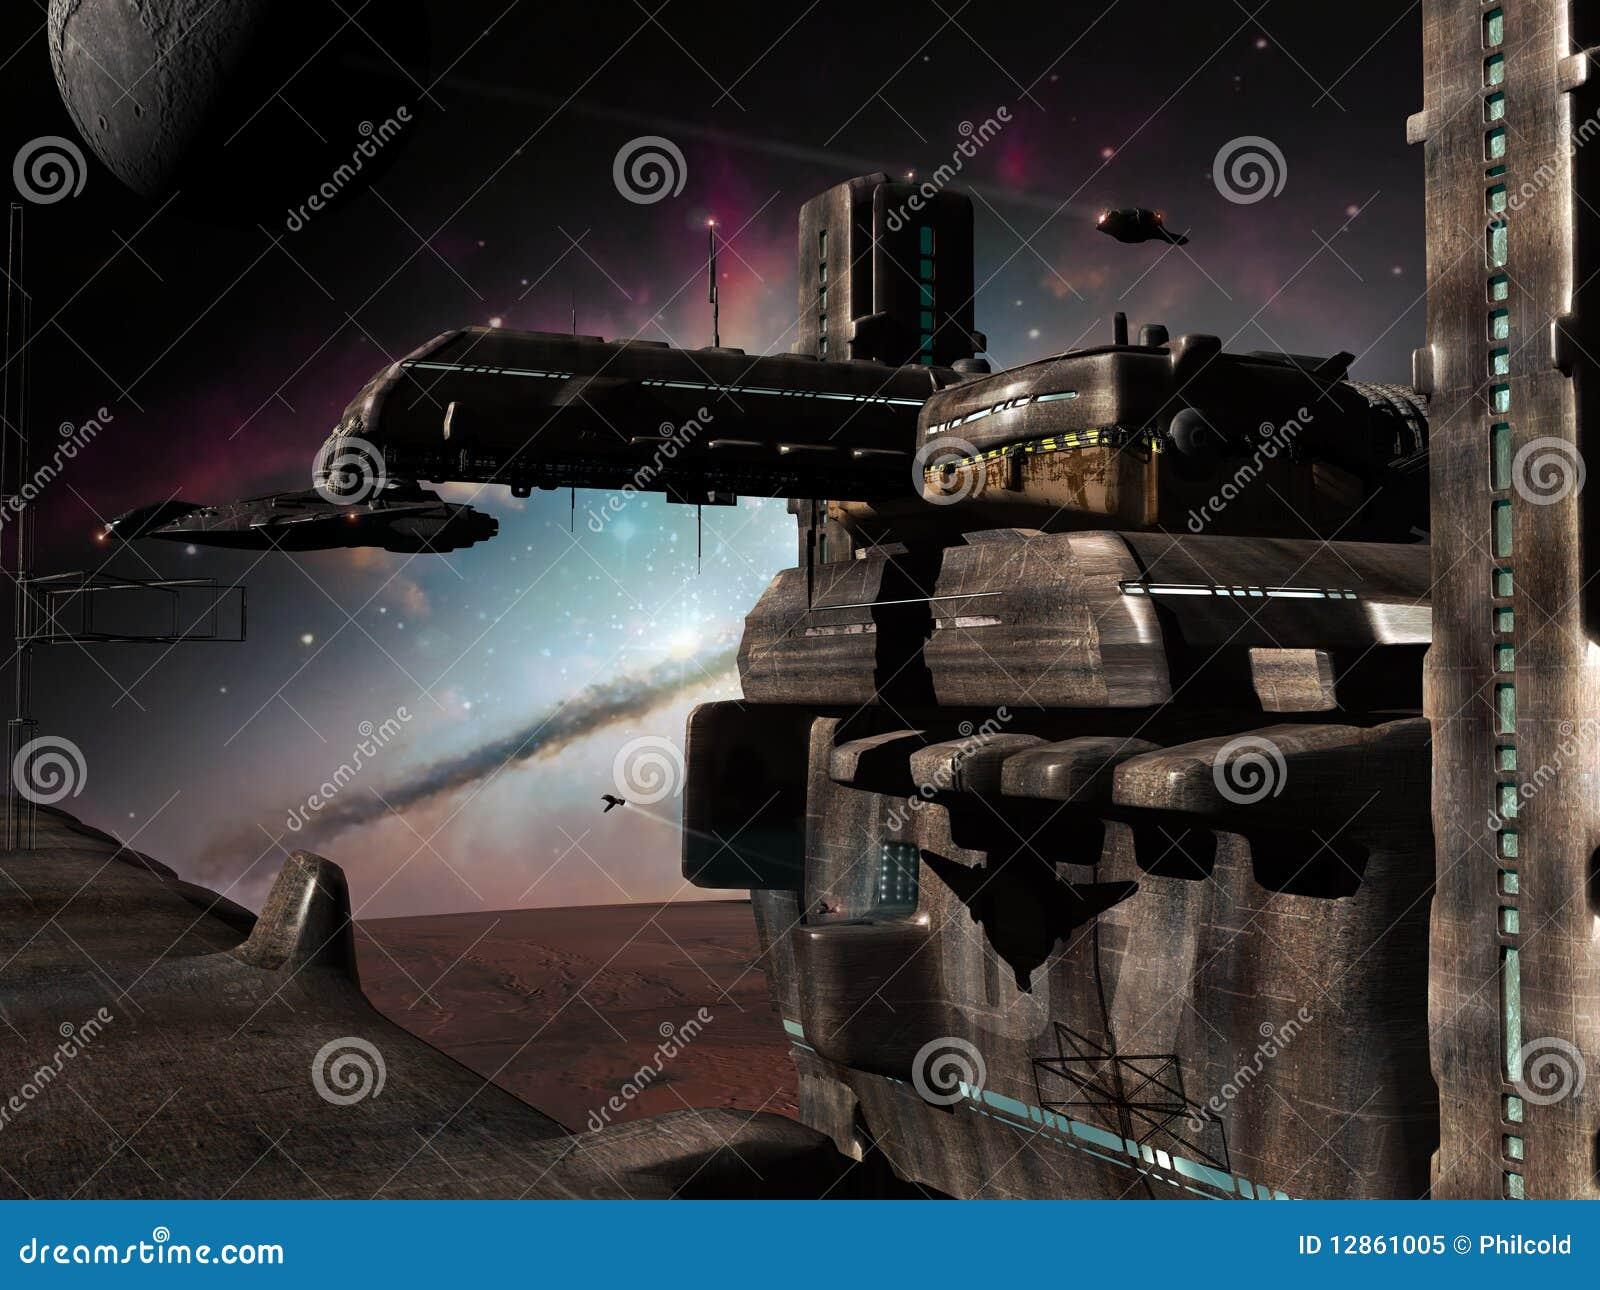 space-base-far-planet-12861005.jpg